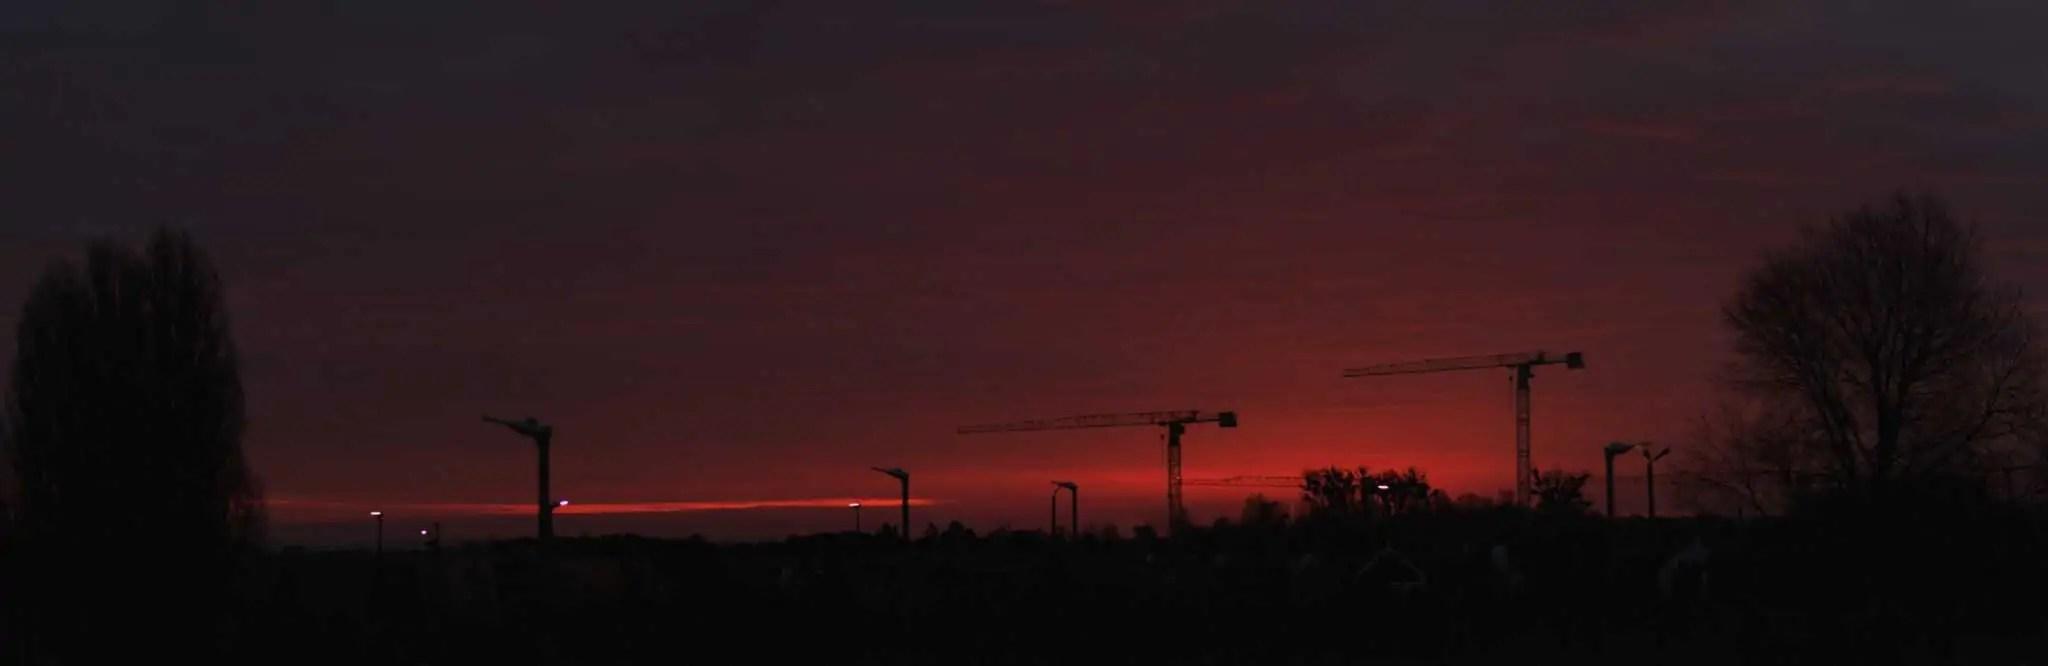 abianka wschód słońca nad Gdańskiem scaled - Zasady kompozycji - przewodnik po 20 regułach